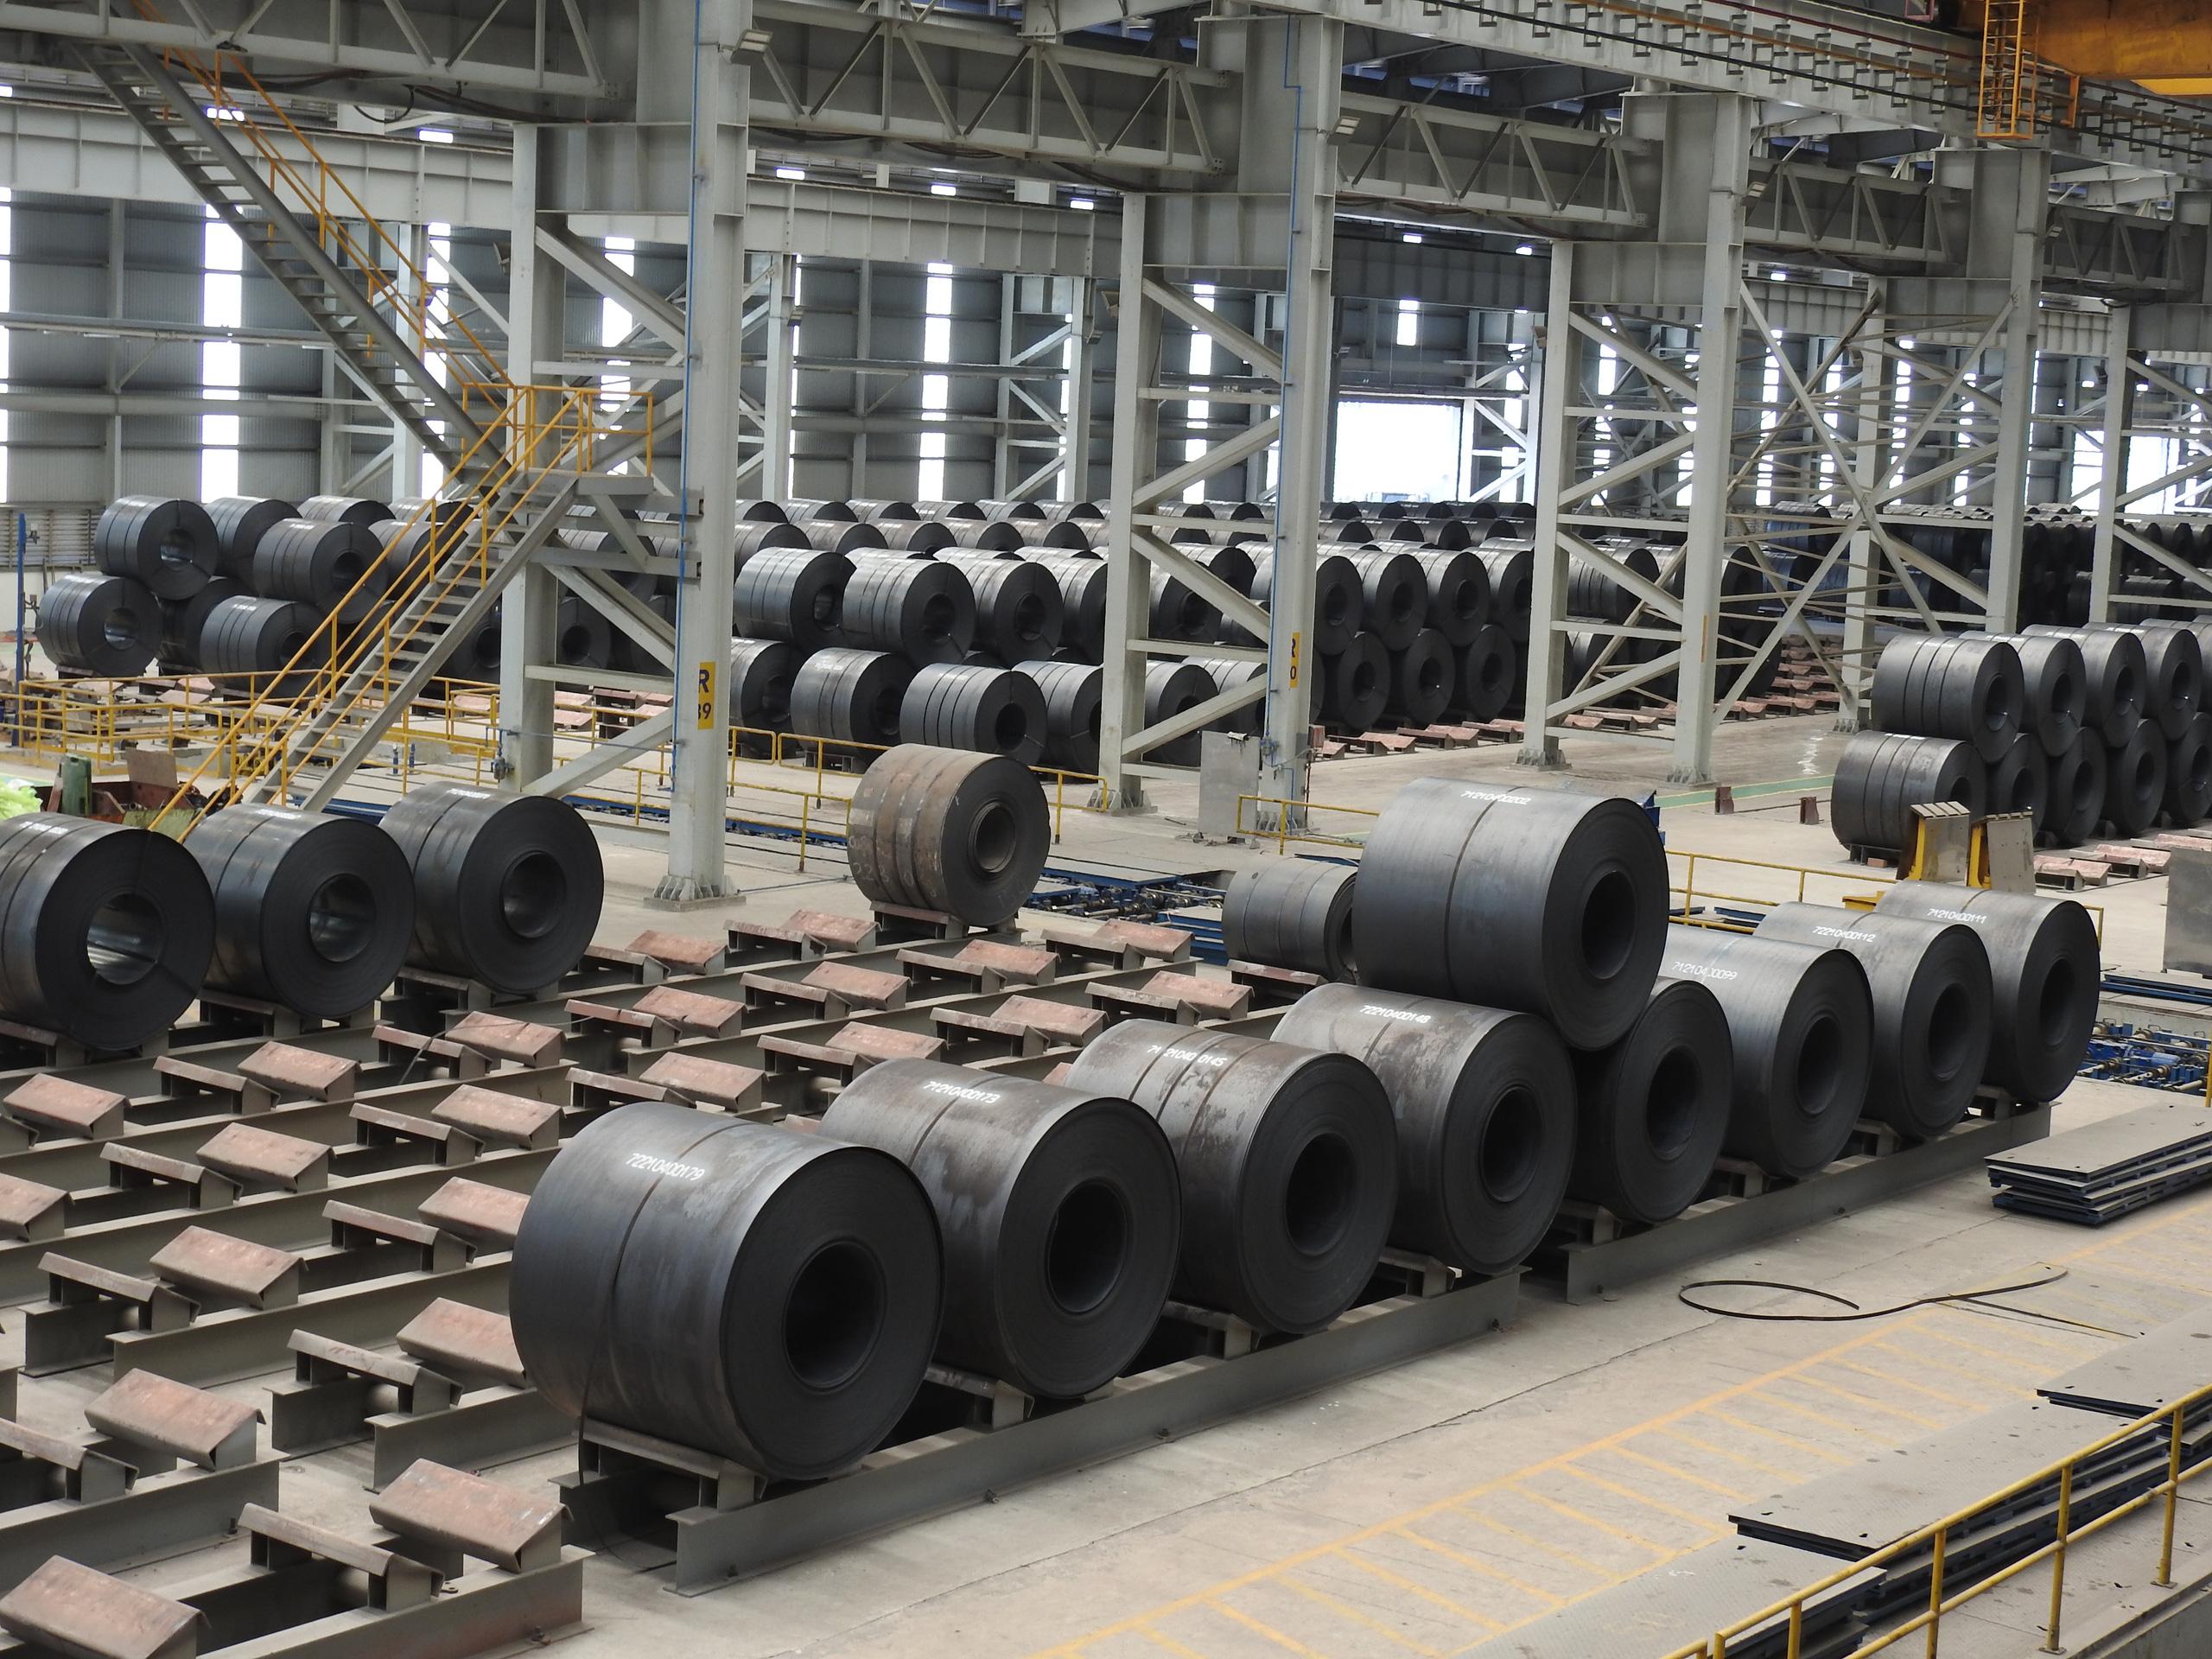 Hòa Phát lần đầu bán hơn 1 triệu tấn thép trong một tháng - Ảnh 1.